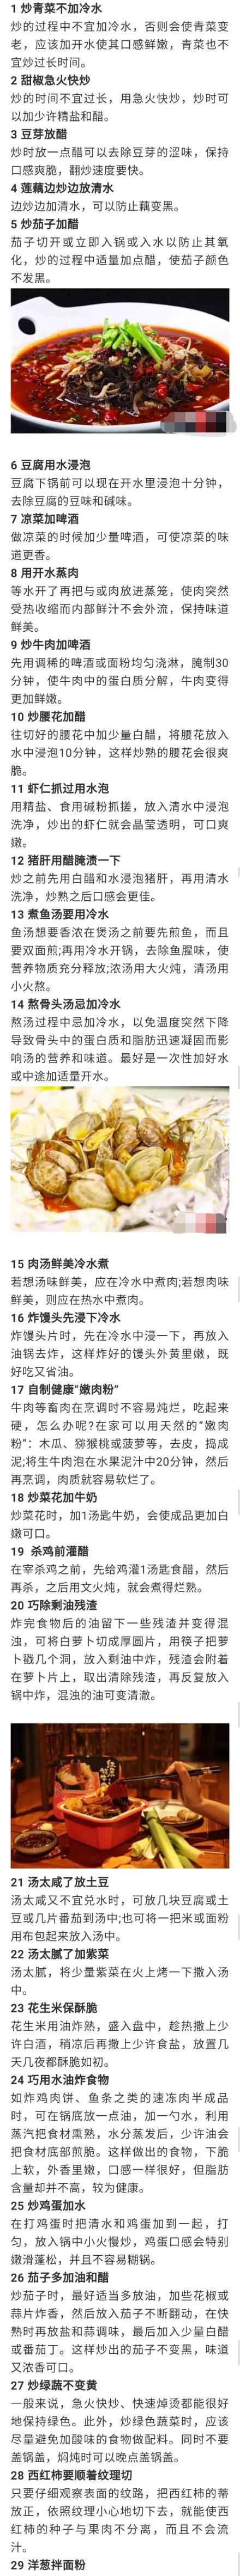 从厨30年的老师傅分享的50个烹饪技巧,不了解永远炒不好菜 烹饪技巧 第2张